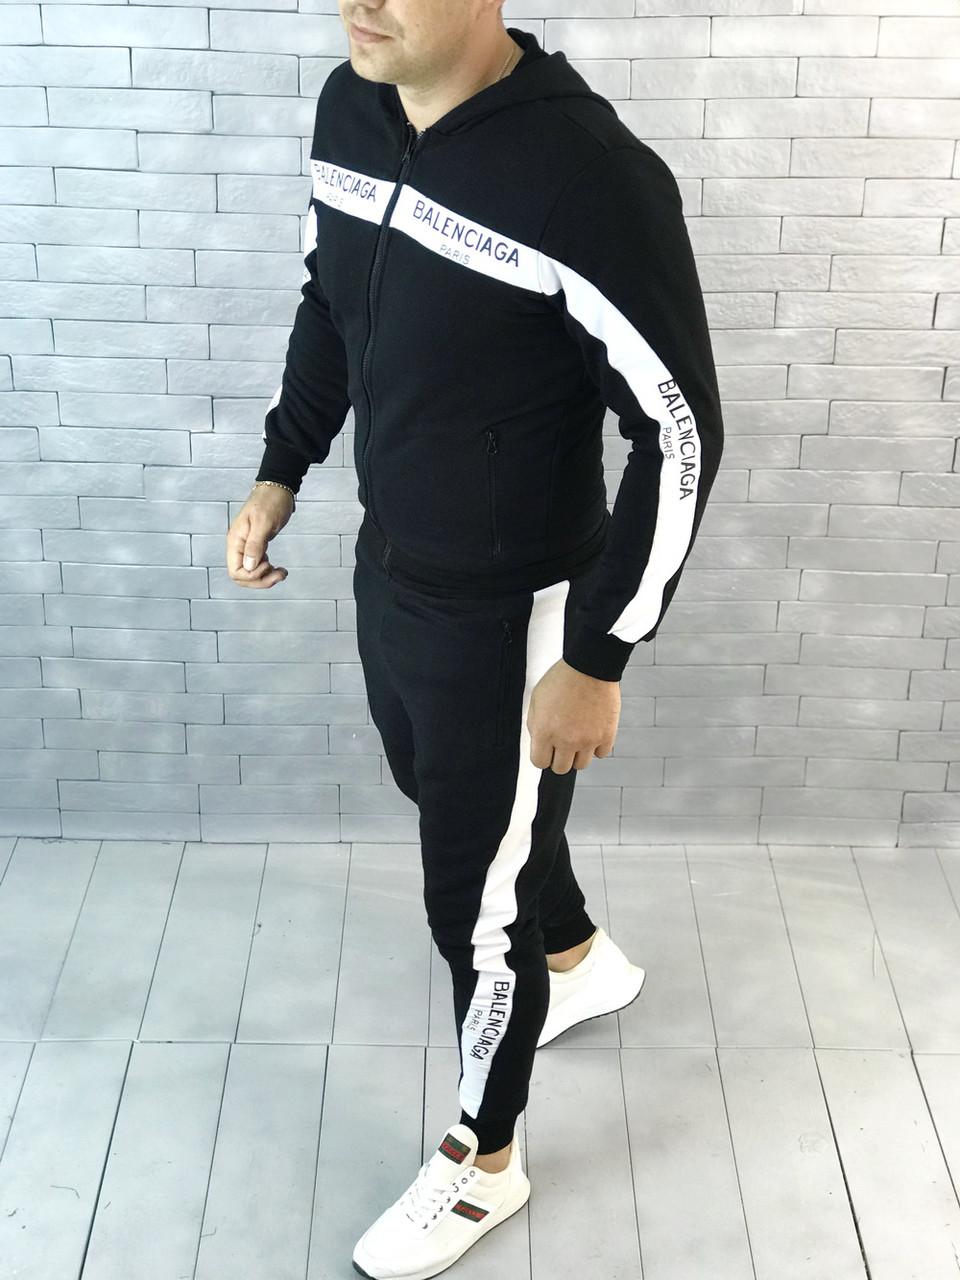 f713047334c4 Спортивный костюм Balenciaga D4116 бело-черный - купить по лучшей ...